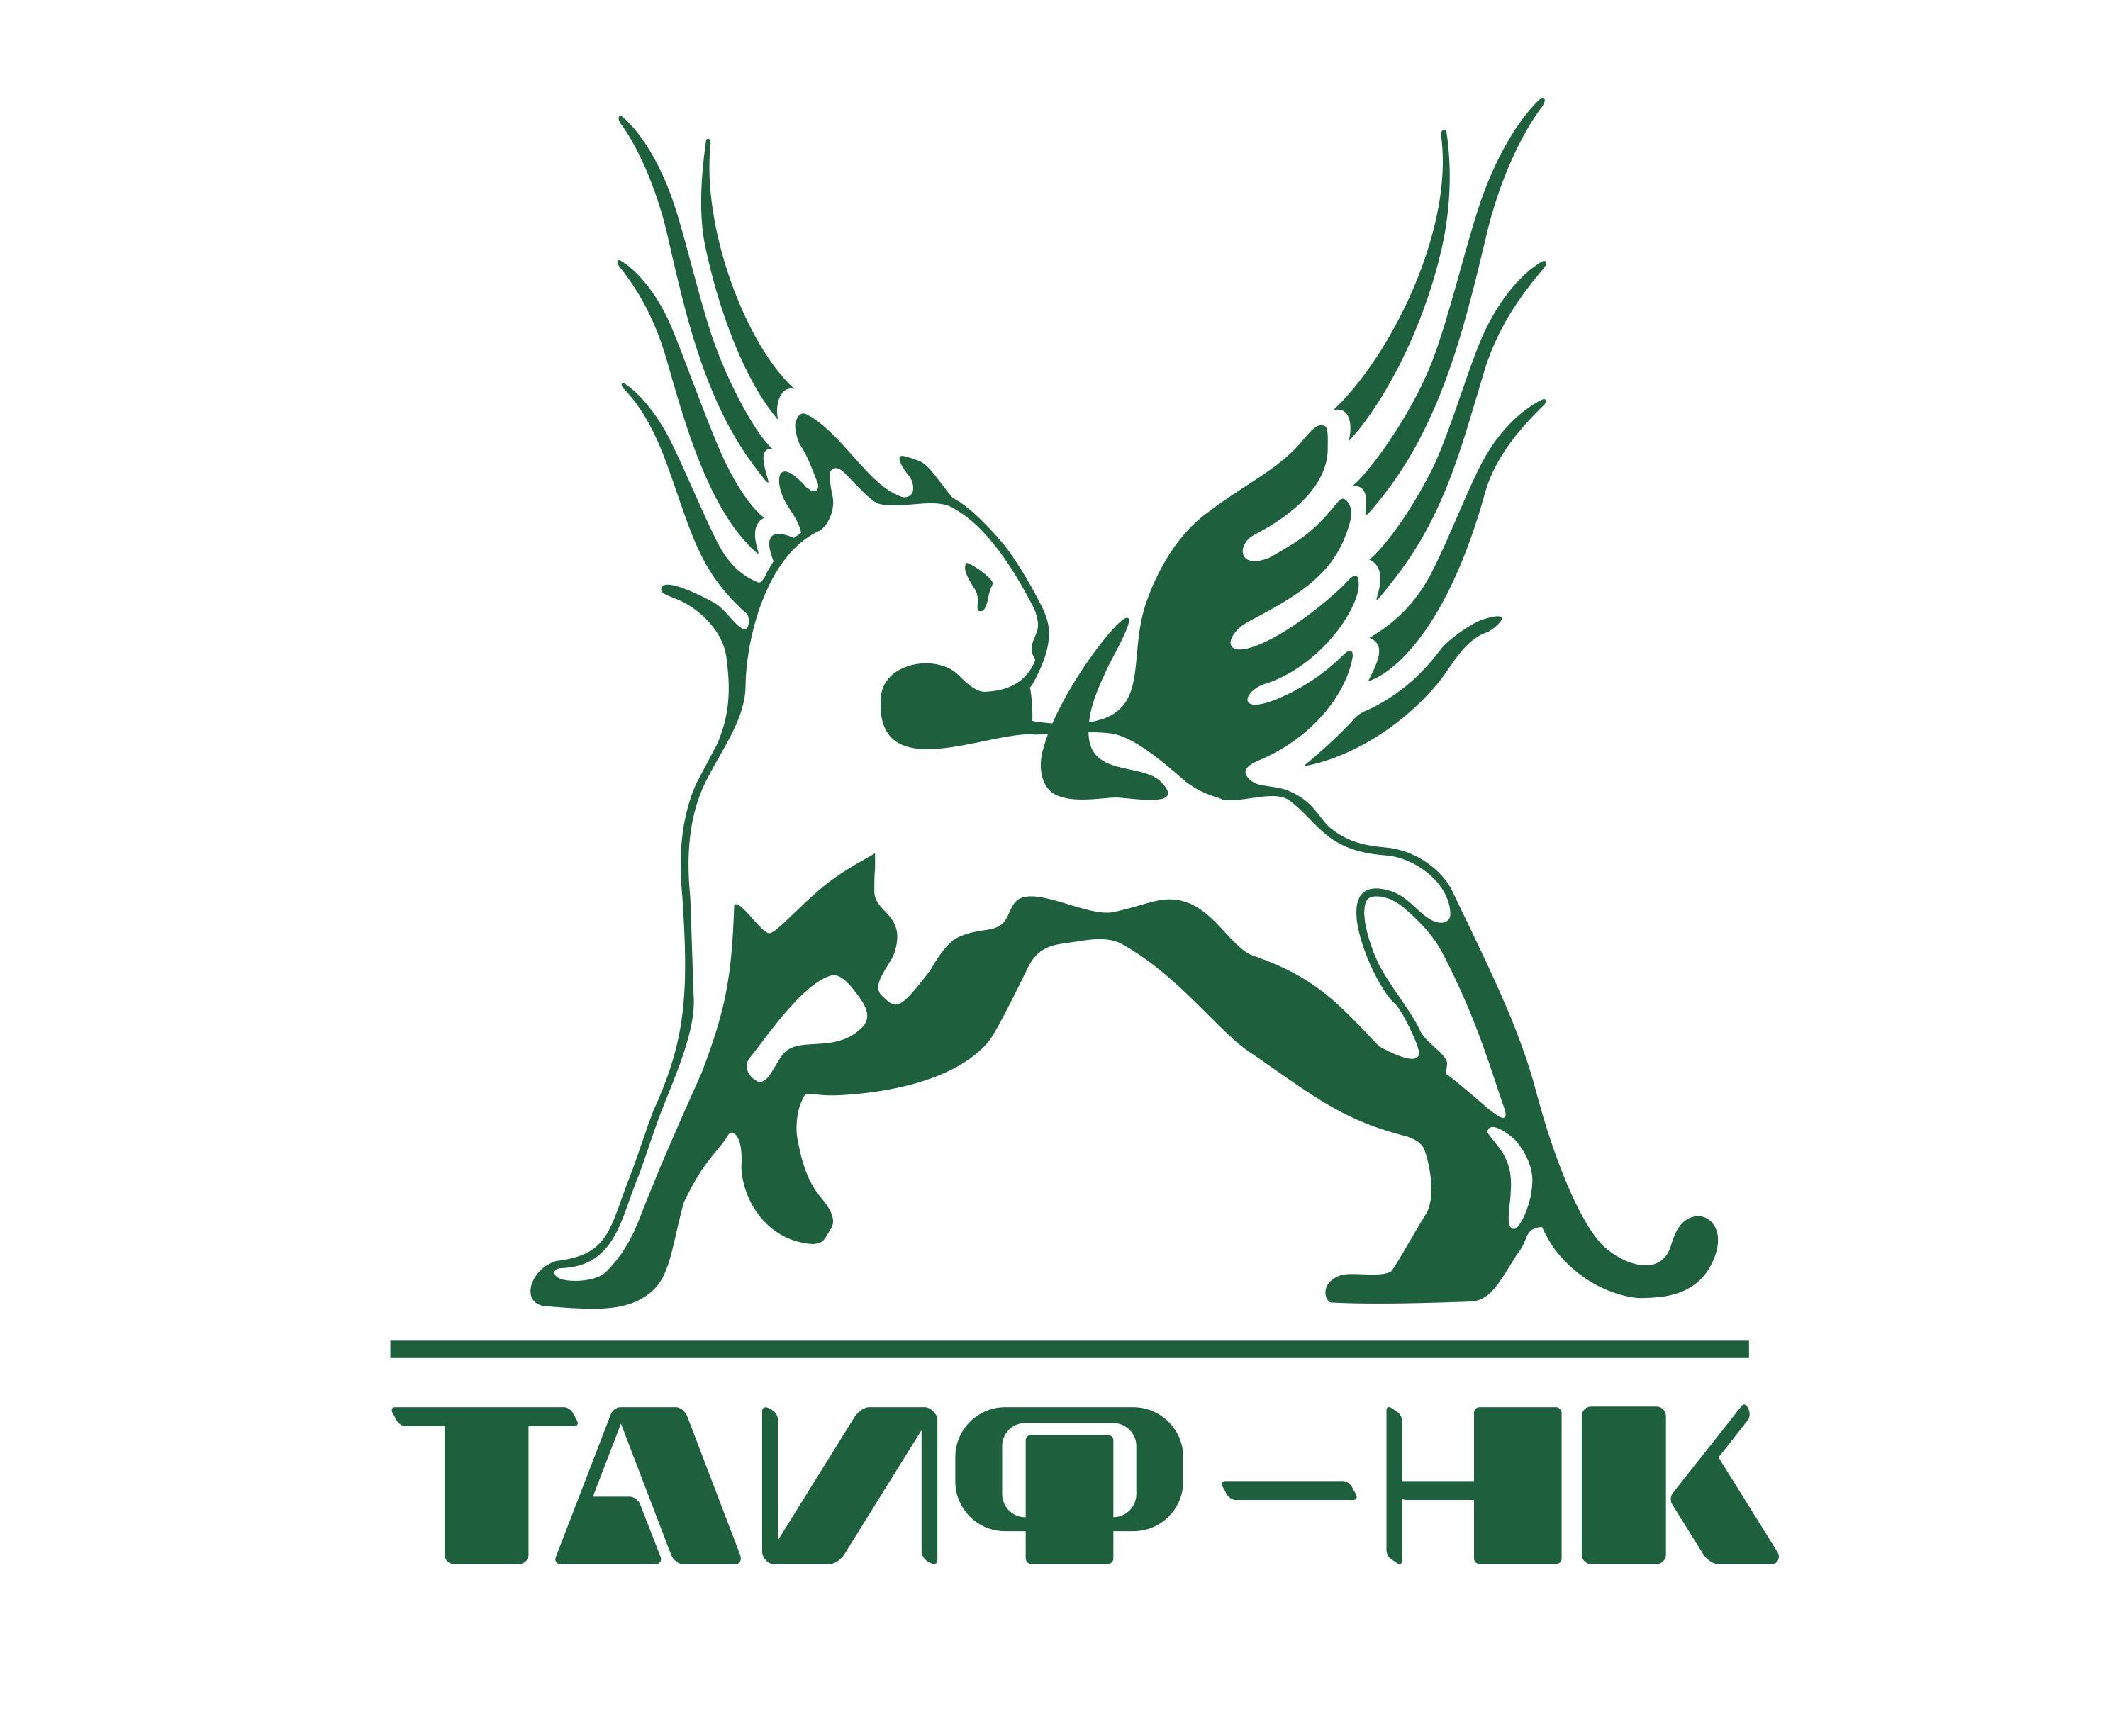 Группе компаний таиф официальный сайт сайт компании depo